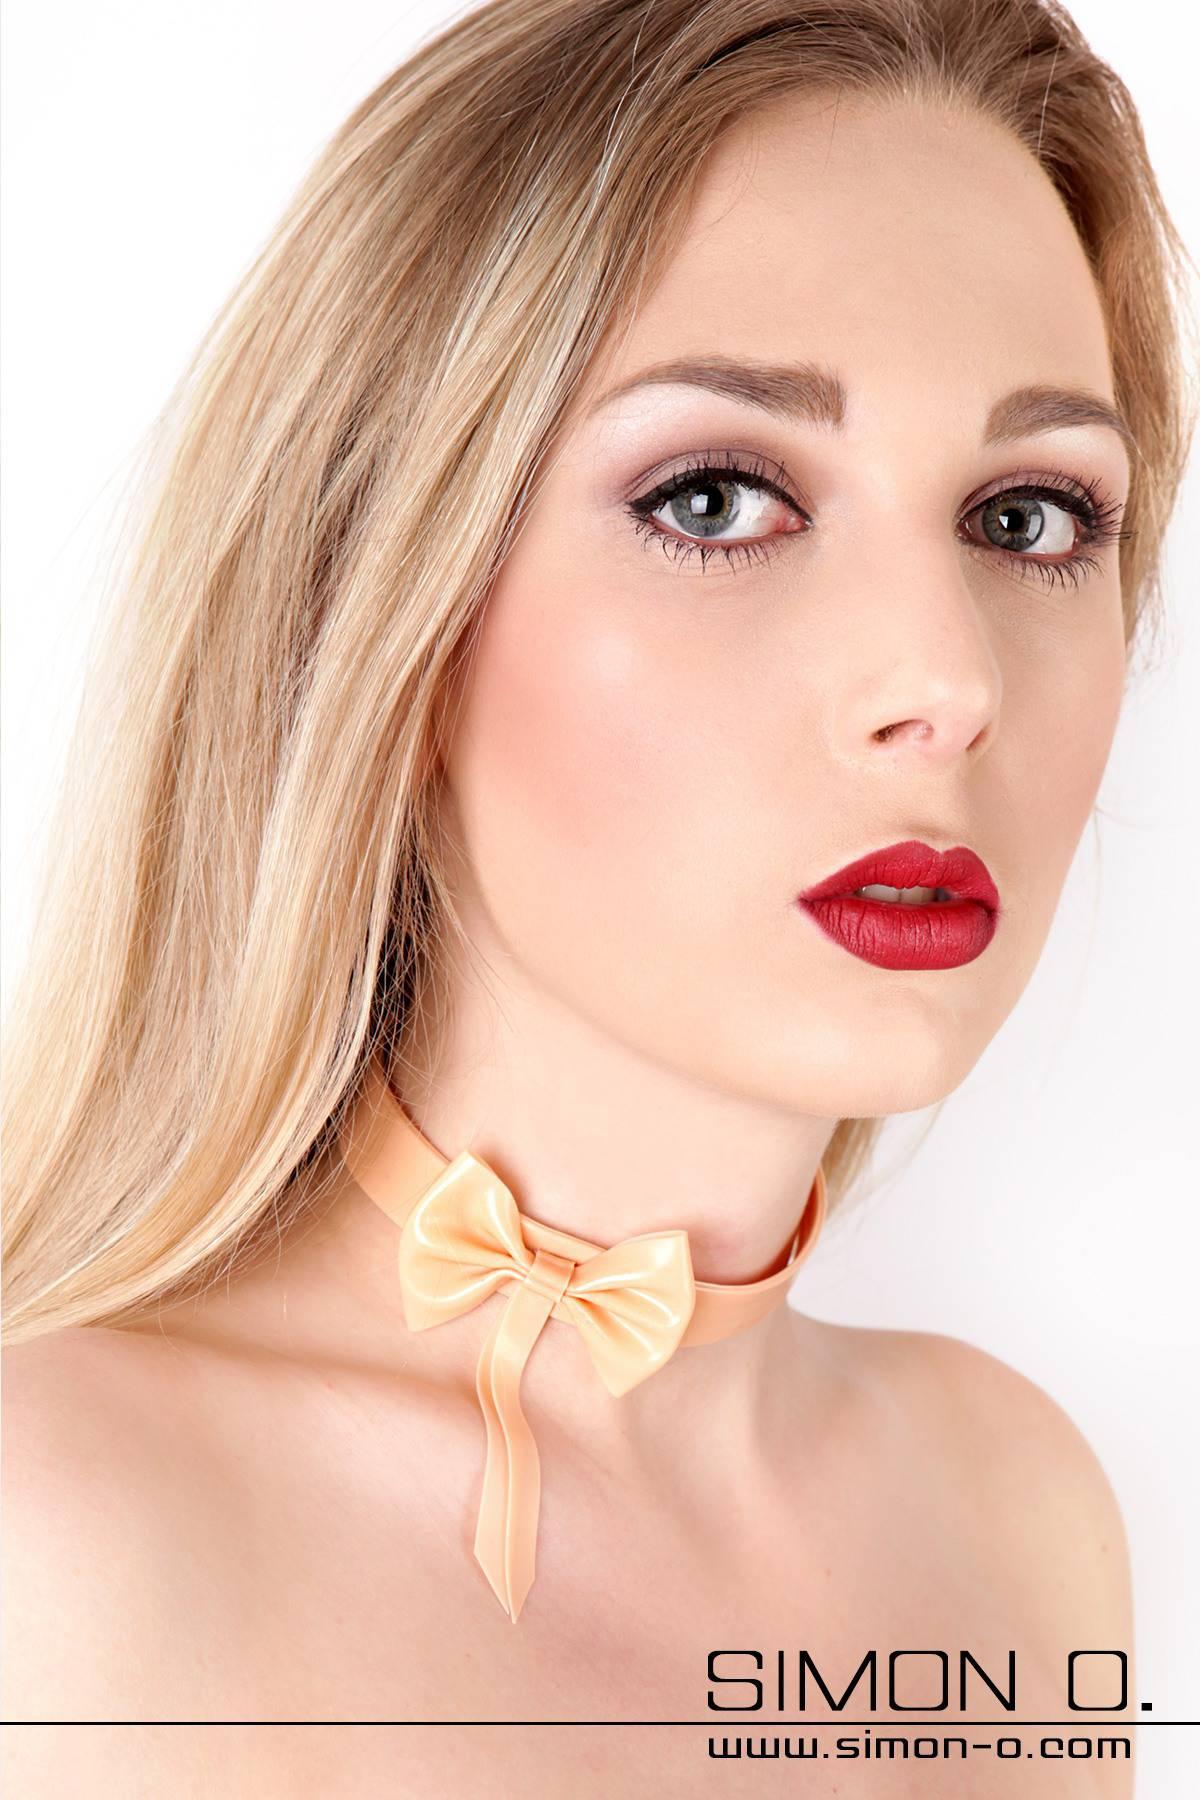 Latex Halsband mit Masche Mit diesem Latex Halsband ergänzen Sie Ihre Latexunterwäsche zu einer perfekten Einheit. Oder Sie Tragen dieses Latex Halsband in …